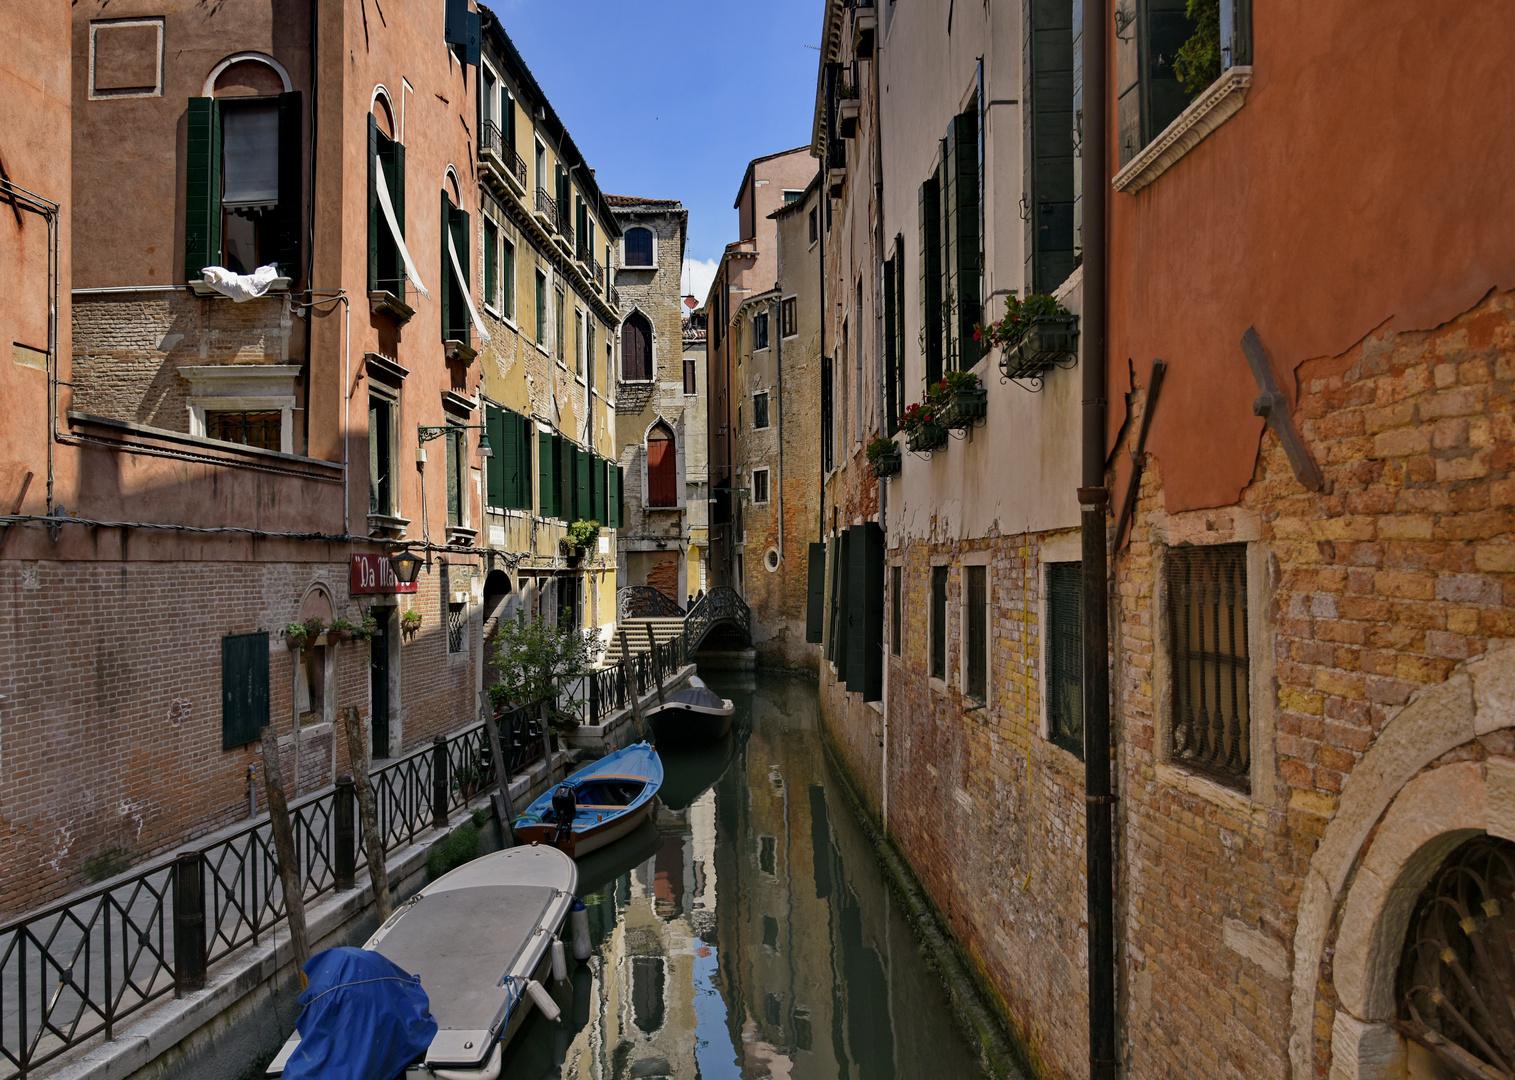 Venedigs menschenleere Gassen